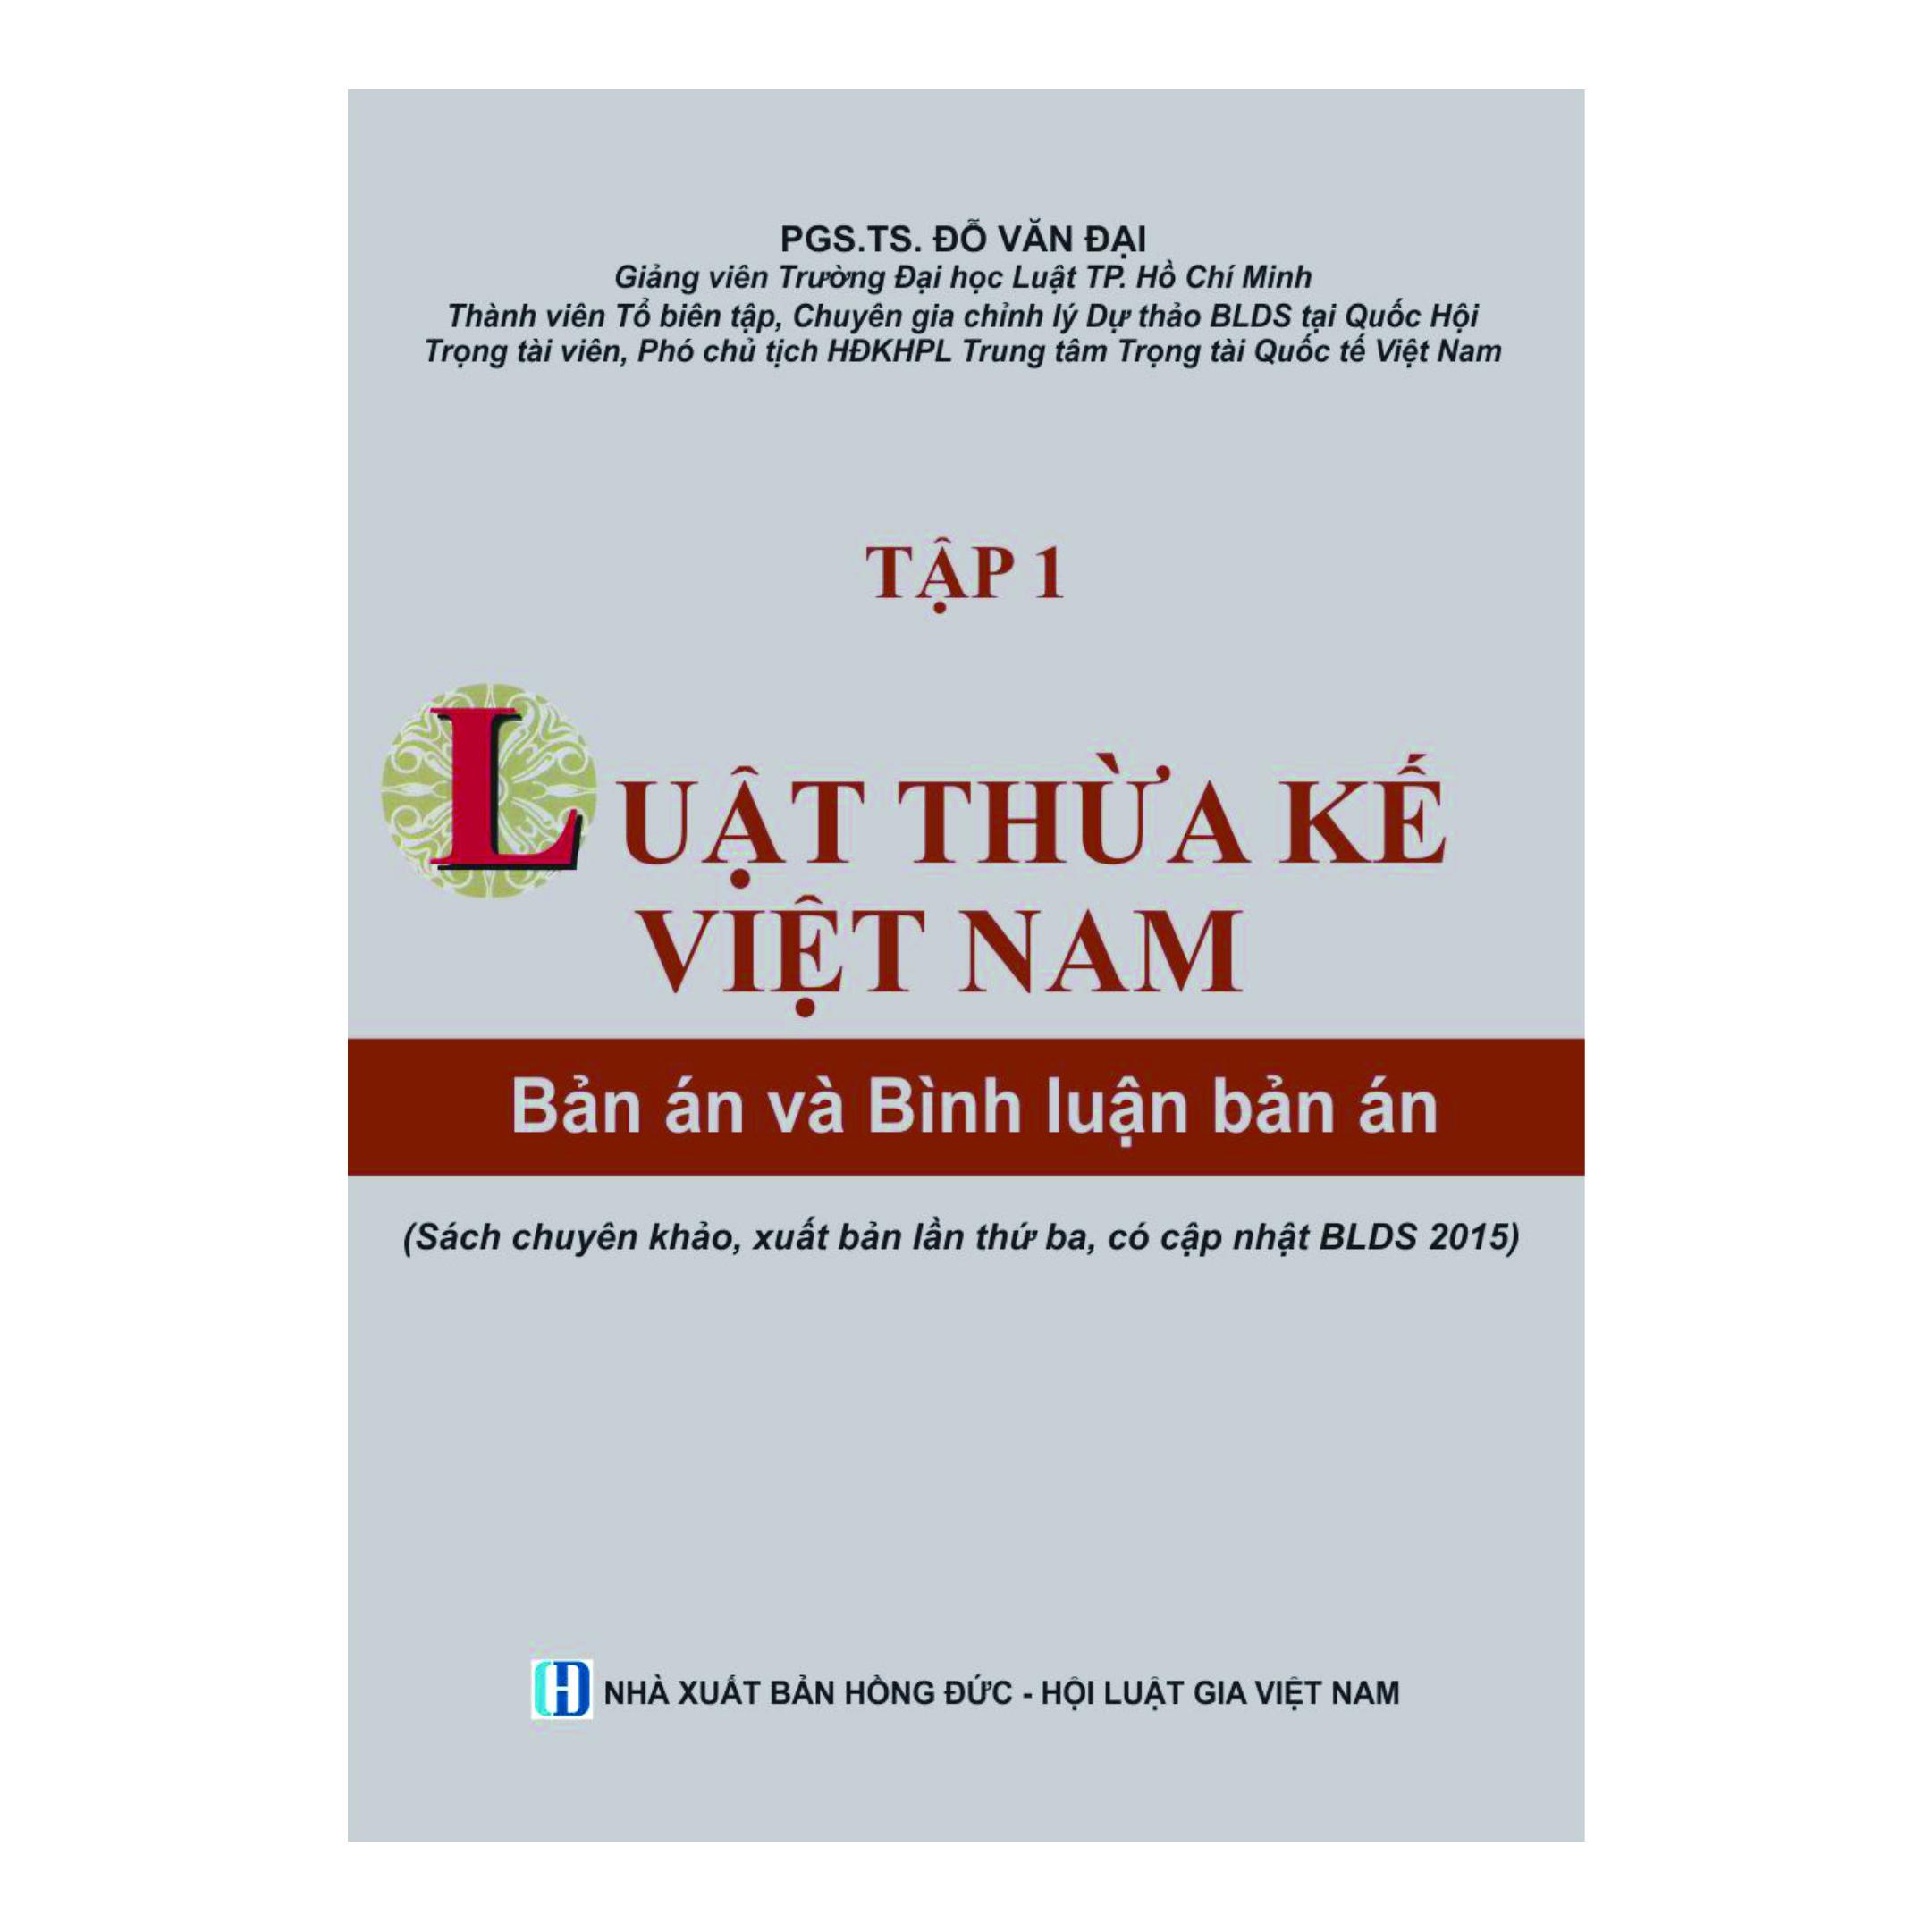 Luật Thừa kế Việt Nam - Bản án và Bình luận bản án (Tập 1)